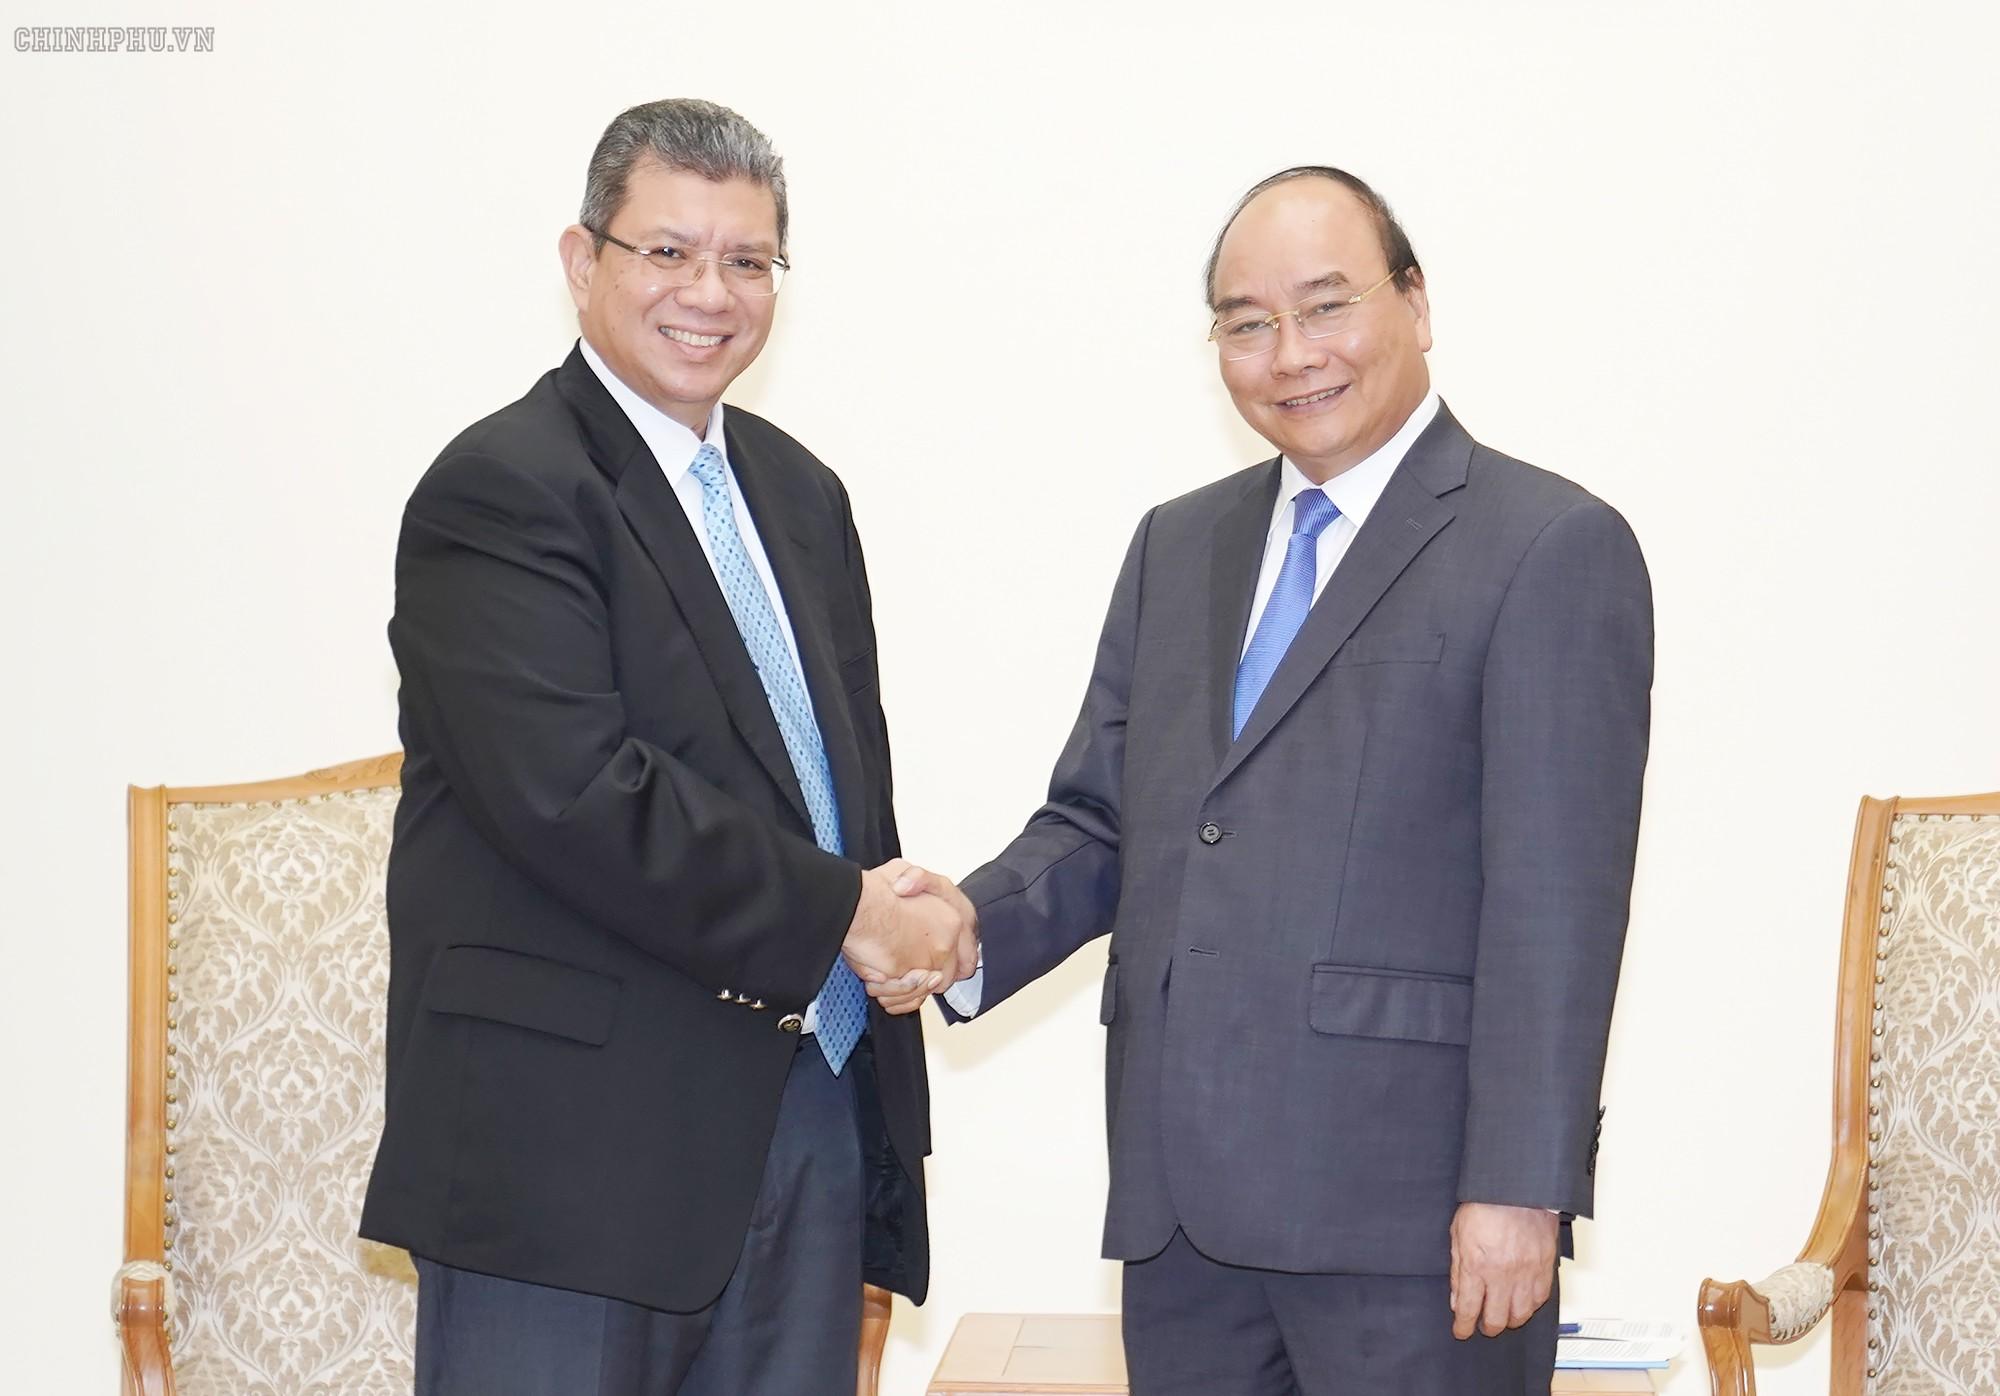 Malaysia sẽ tăng cường tiêu thụ thuỷ sản, gạo, nông sản của Việt Nam - Ảnh 1.